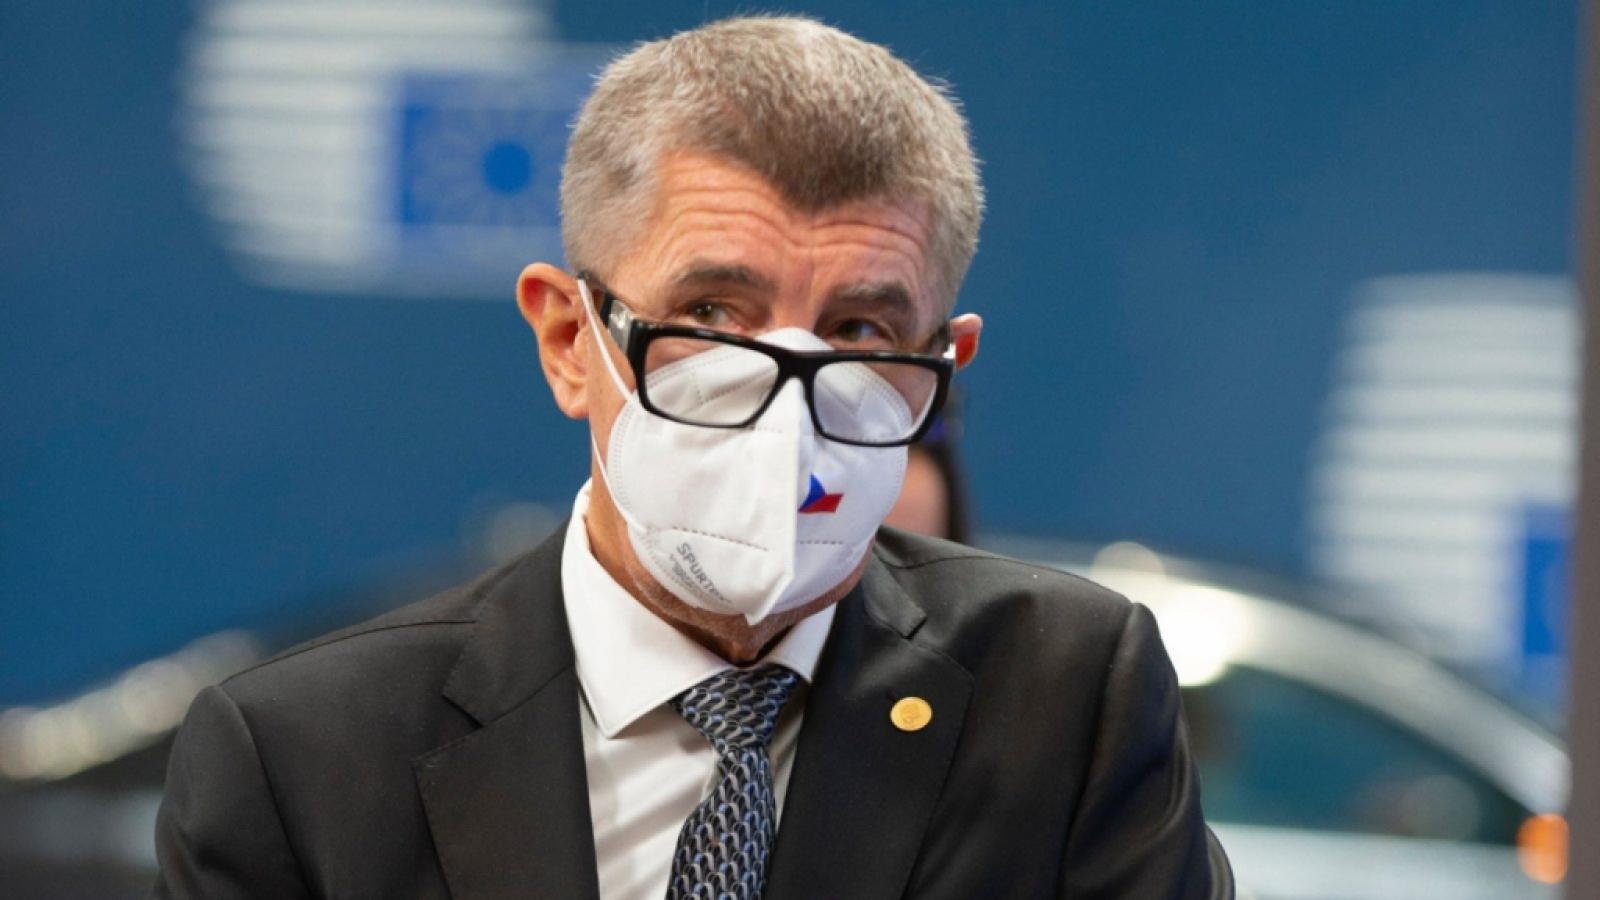 Chính phủ Séc tuyên bố tình trạng khẩn cấp mới đến 28/2